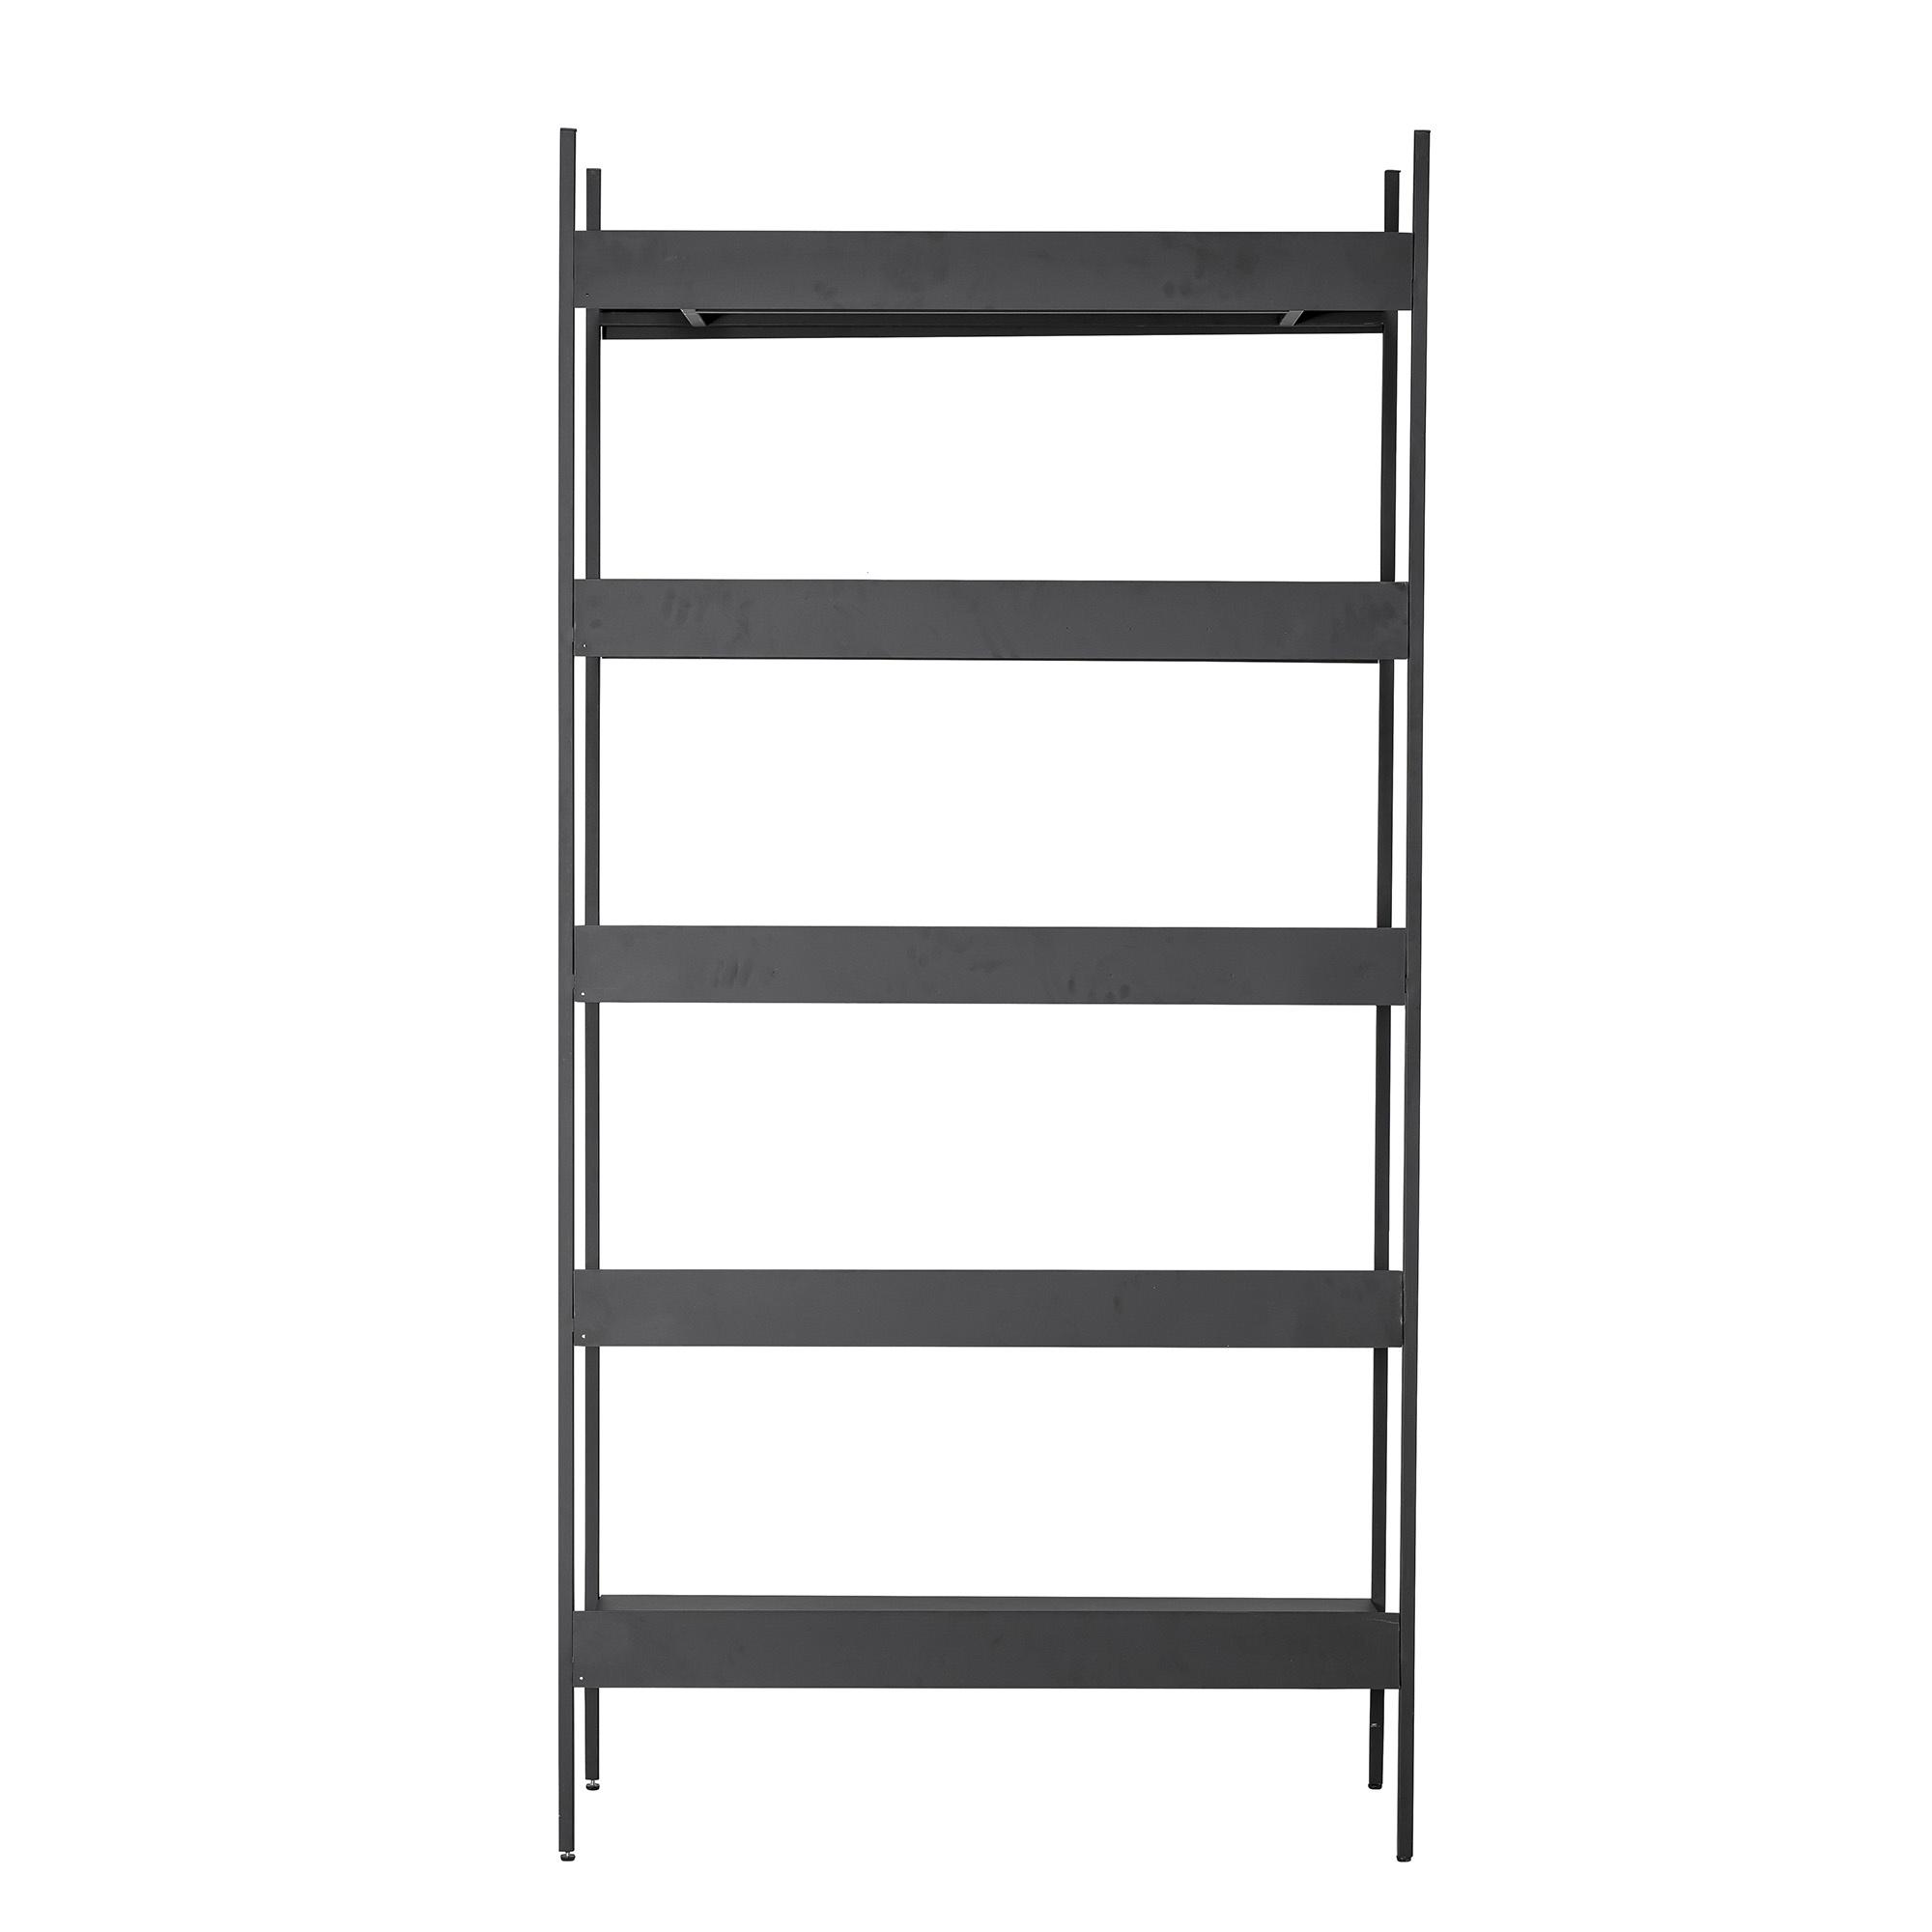 armoire lot avec etageres metal noir